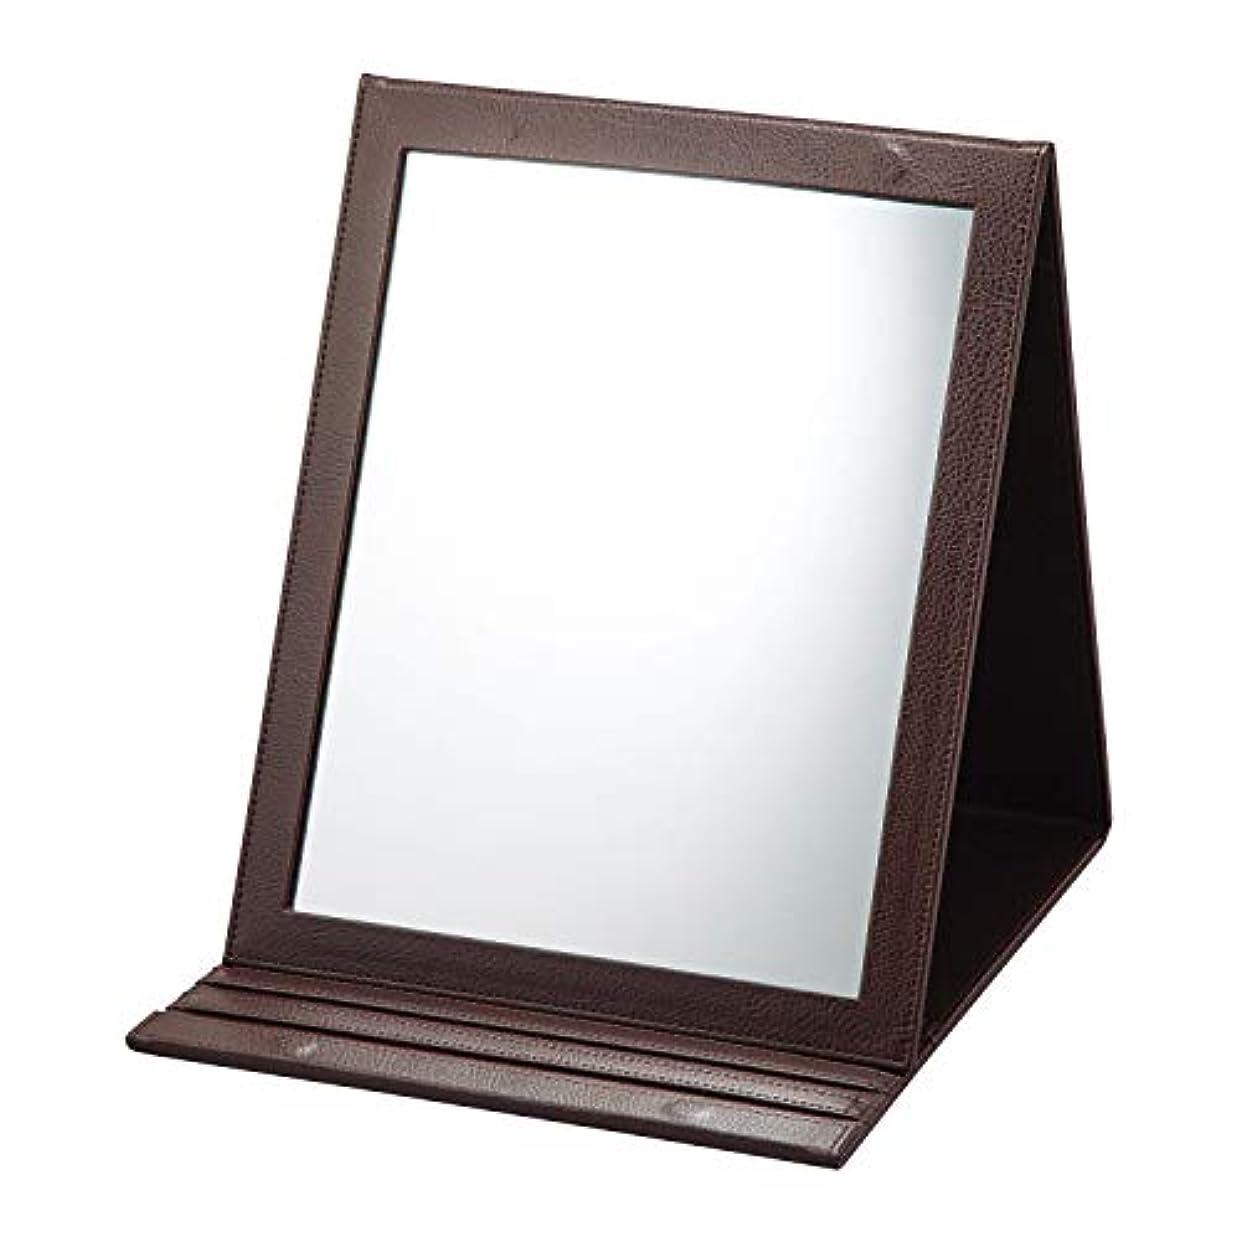 すなわちコンクリートモロニック折立鏡デカミラー 角度調整5段階 卓上 A4サイズ ヘアメイク ヘアアレンジ 化粧 折りたたみ 大きい デコルテまで見える